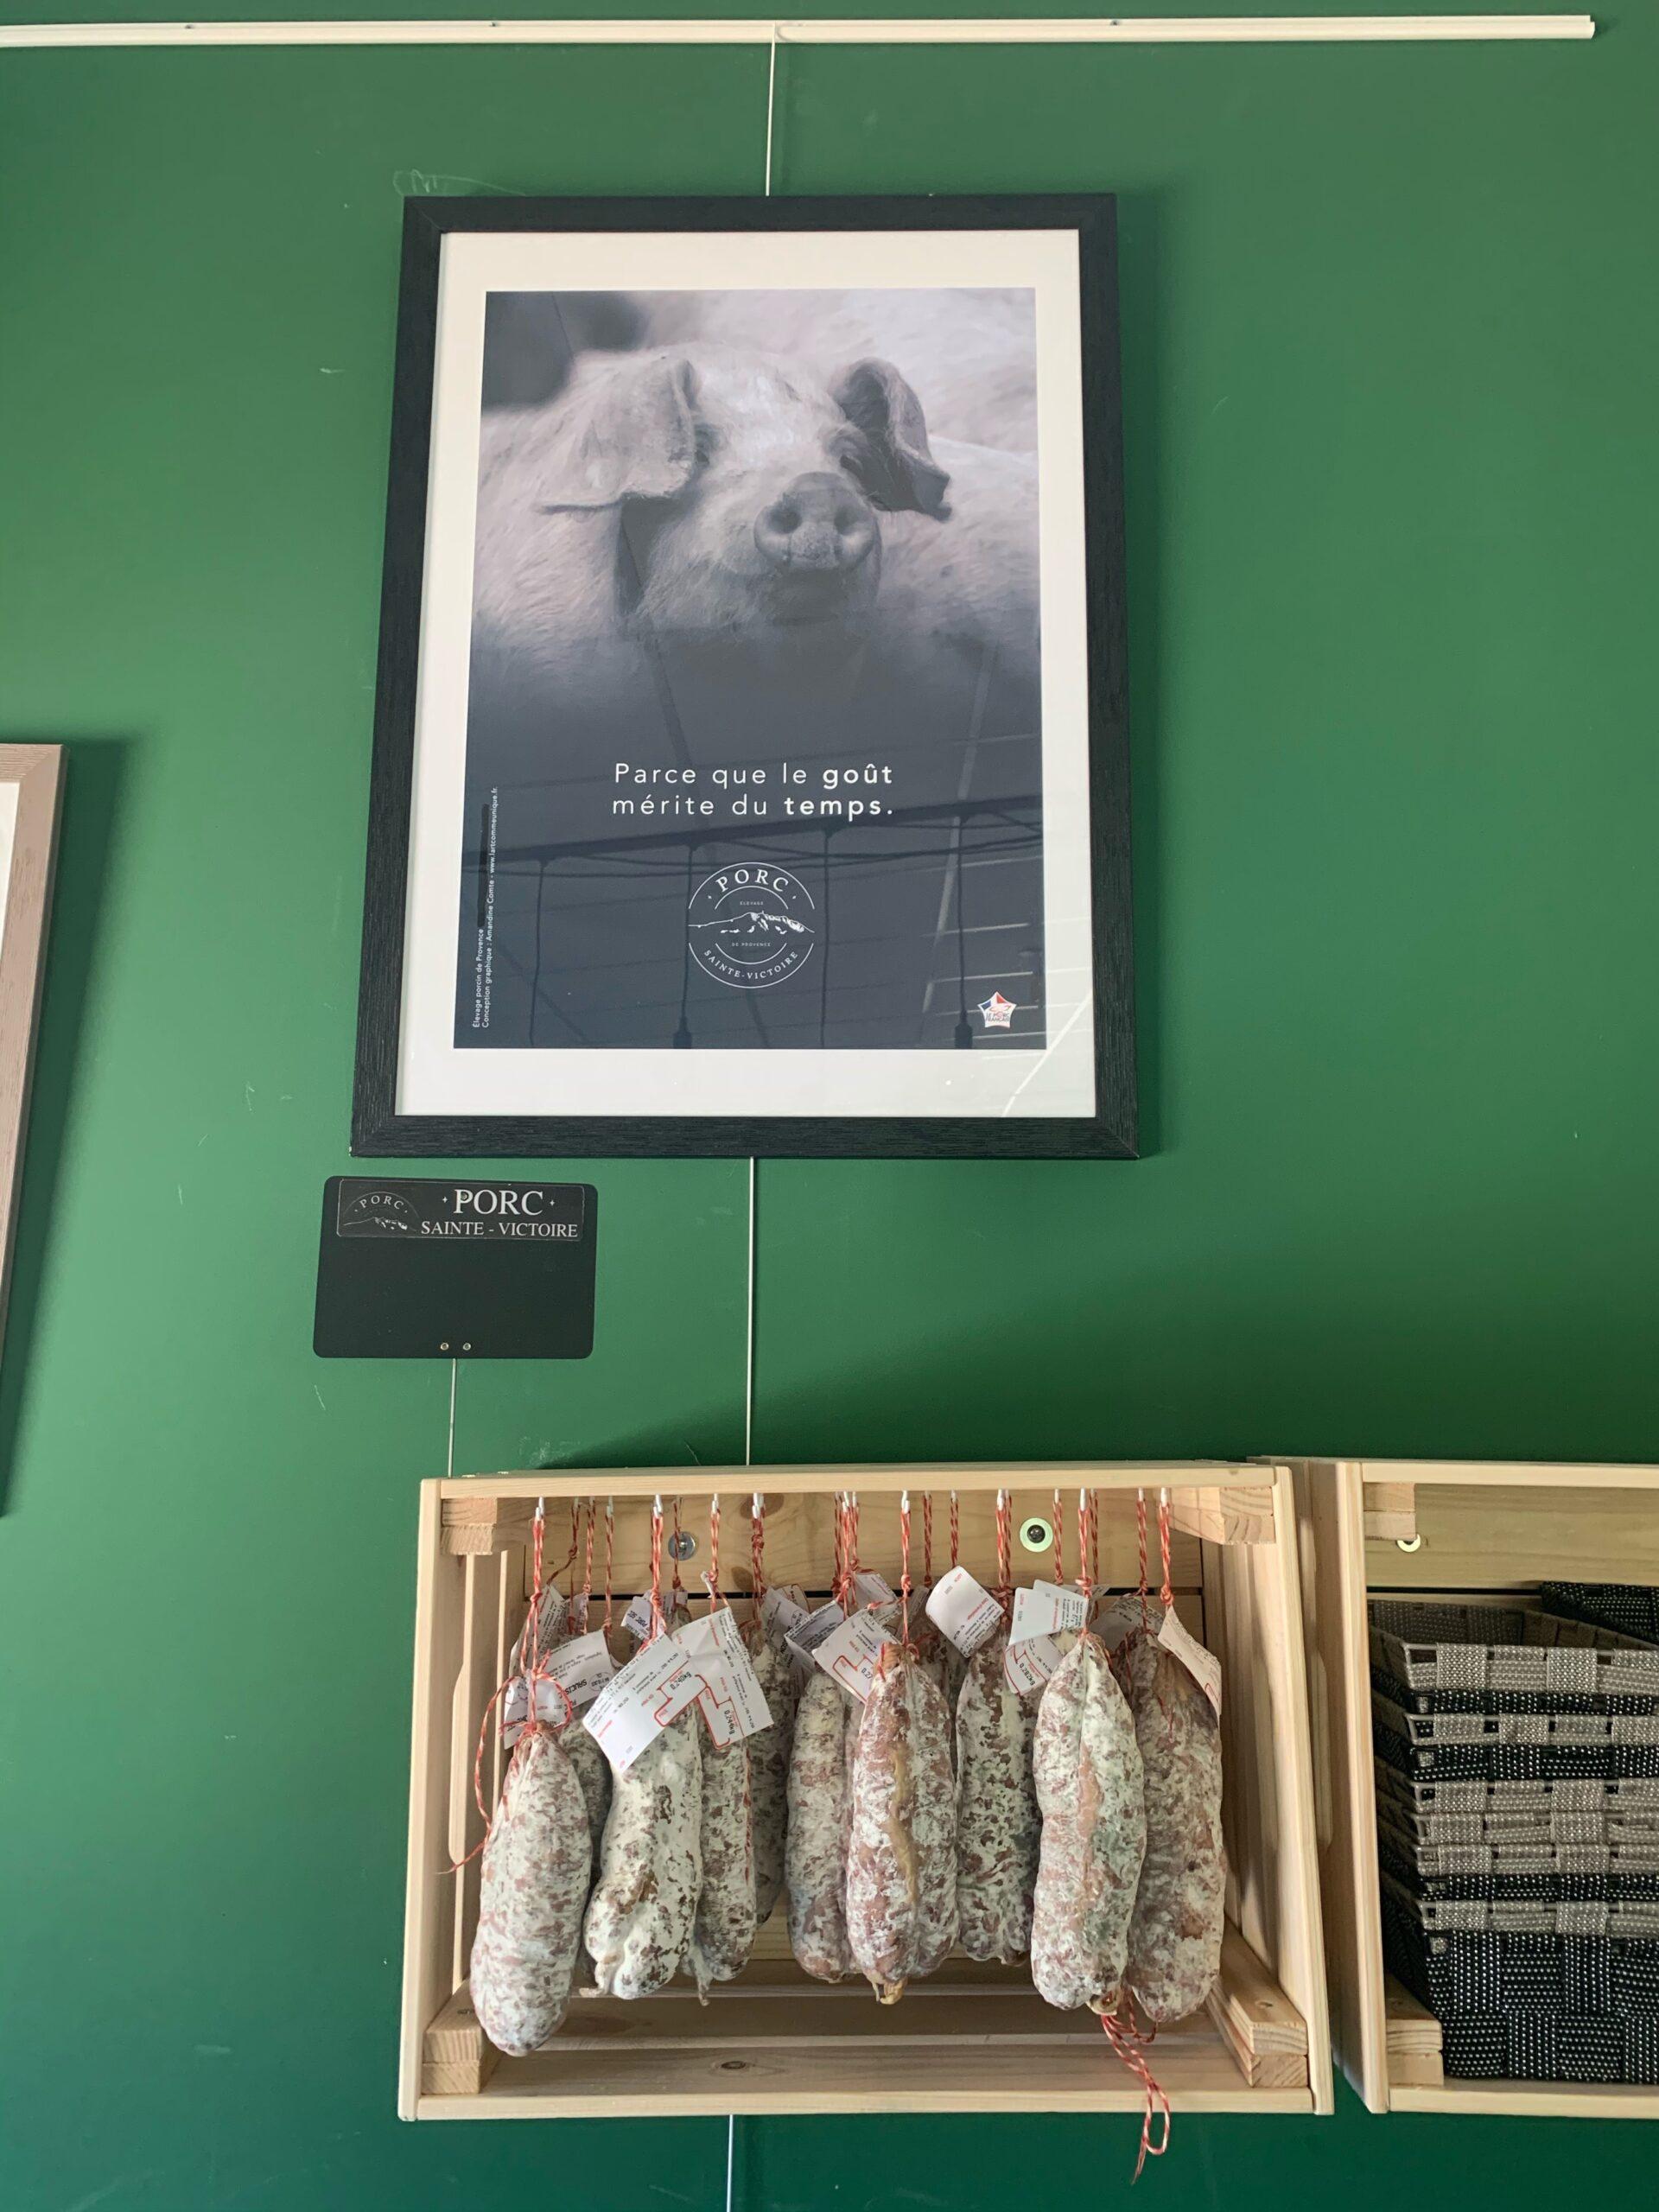 Le Porc de Sainte-Victoire